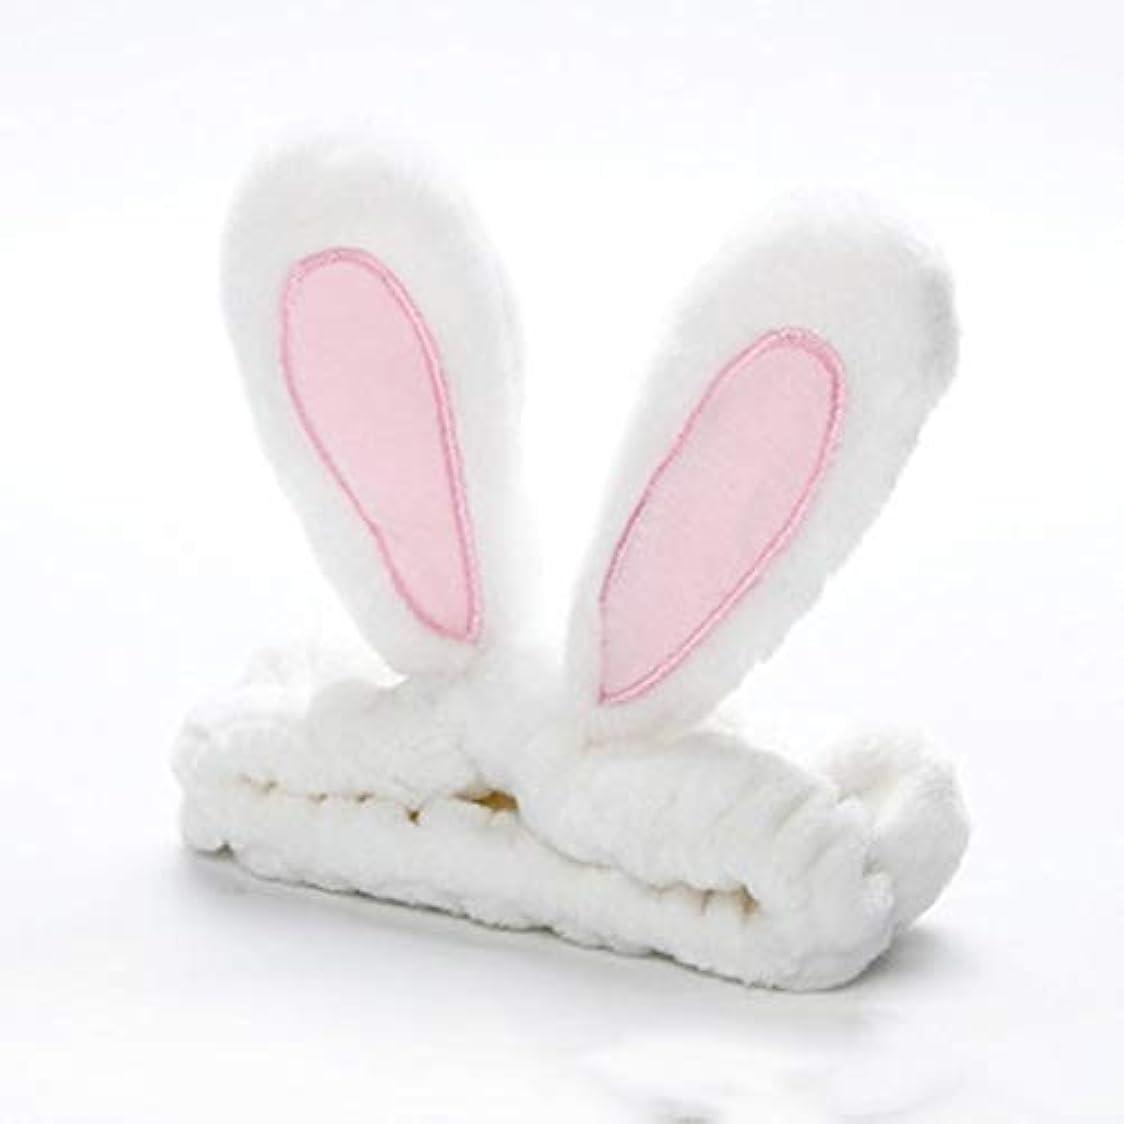 いちゃつくダイエット蜜かわいいうさぎ耳帽子洗浄顔とメイクアップファッションヘッドバンド - ホワイト